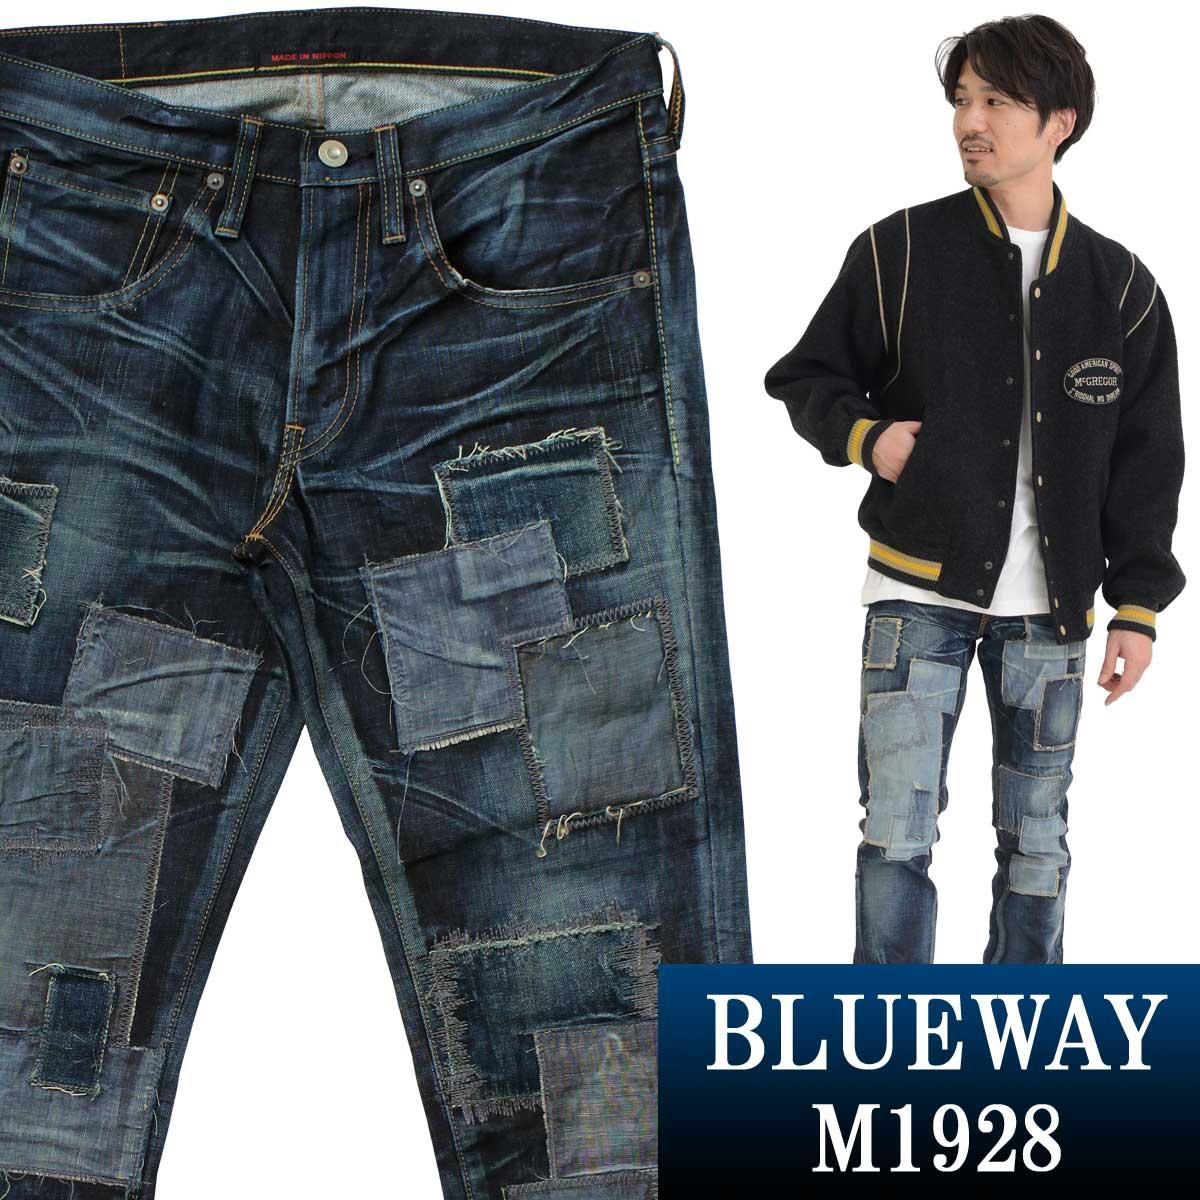 BLUEWAY:13.5ozビンテージデニム・タイトストレートジーンズ(リペアパッチ):M1928-7550 ブルーウェイ ダメージ リメイク メンズ デニム 裾上げ スリム リメイク